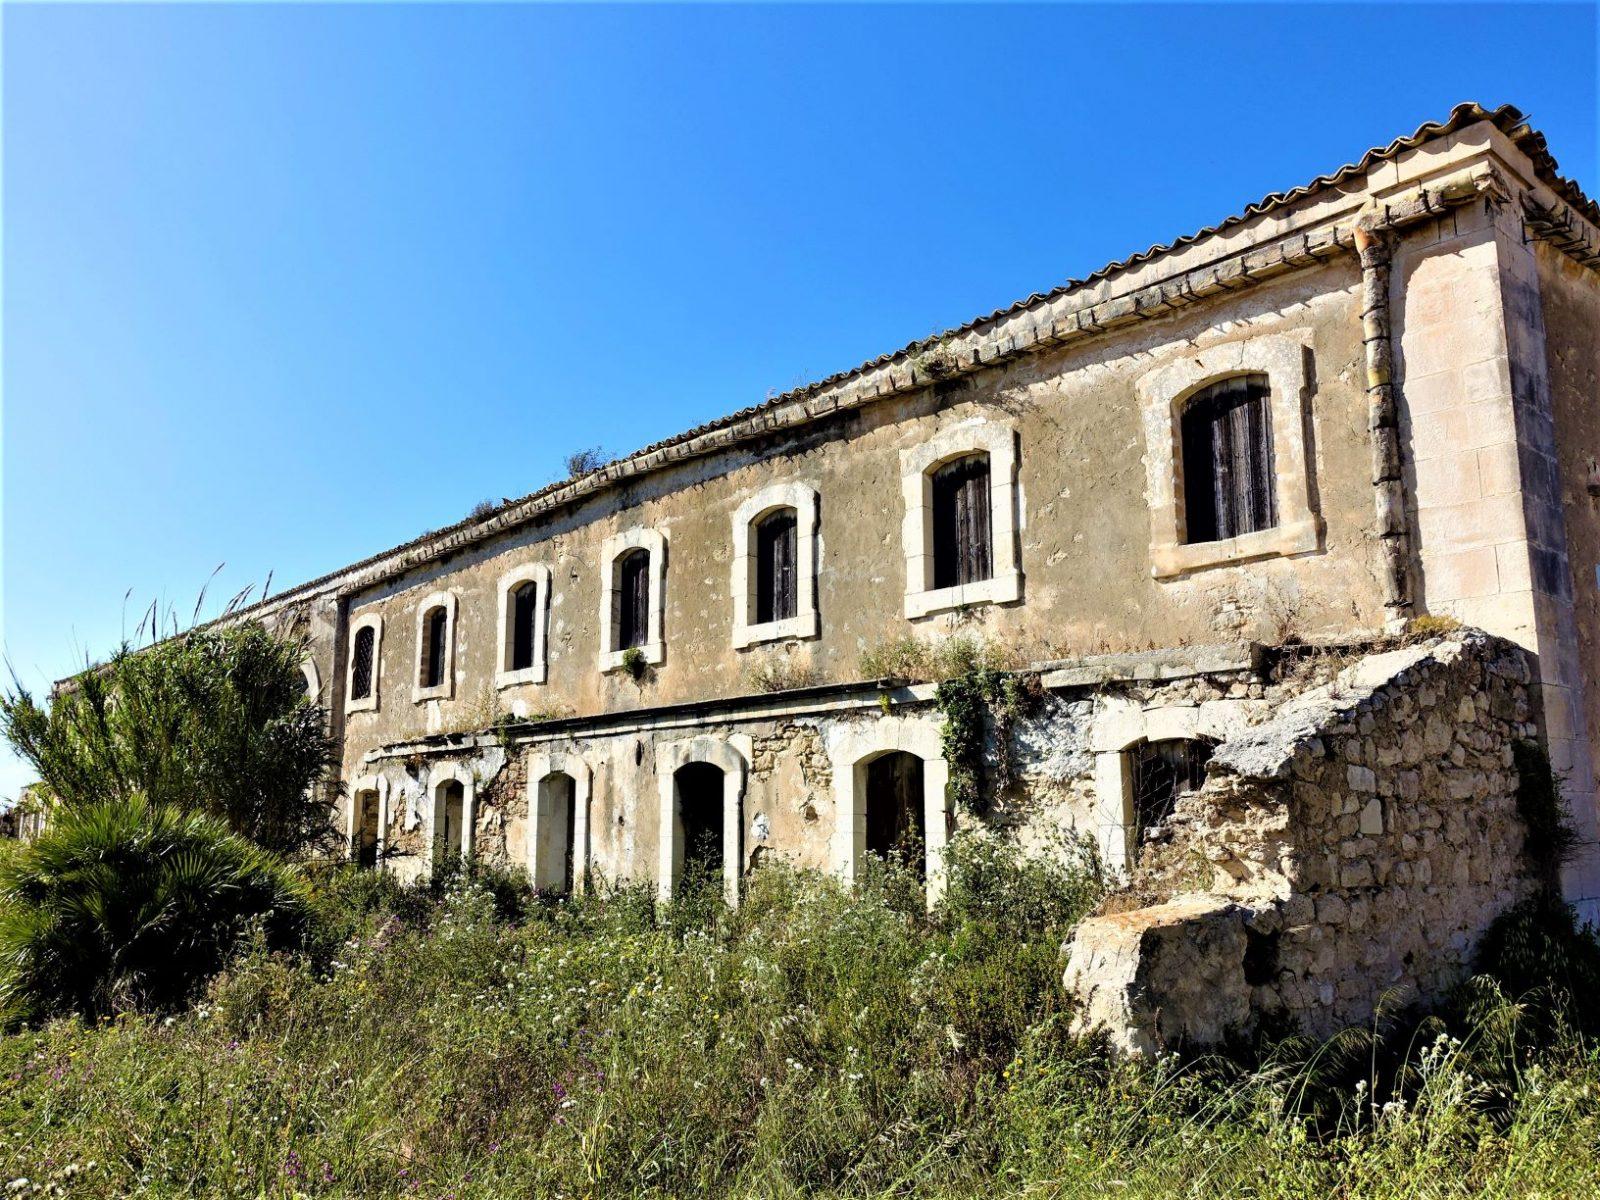 øde og forlatt hus på Sicilia